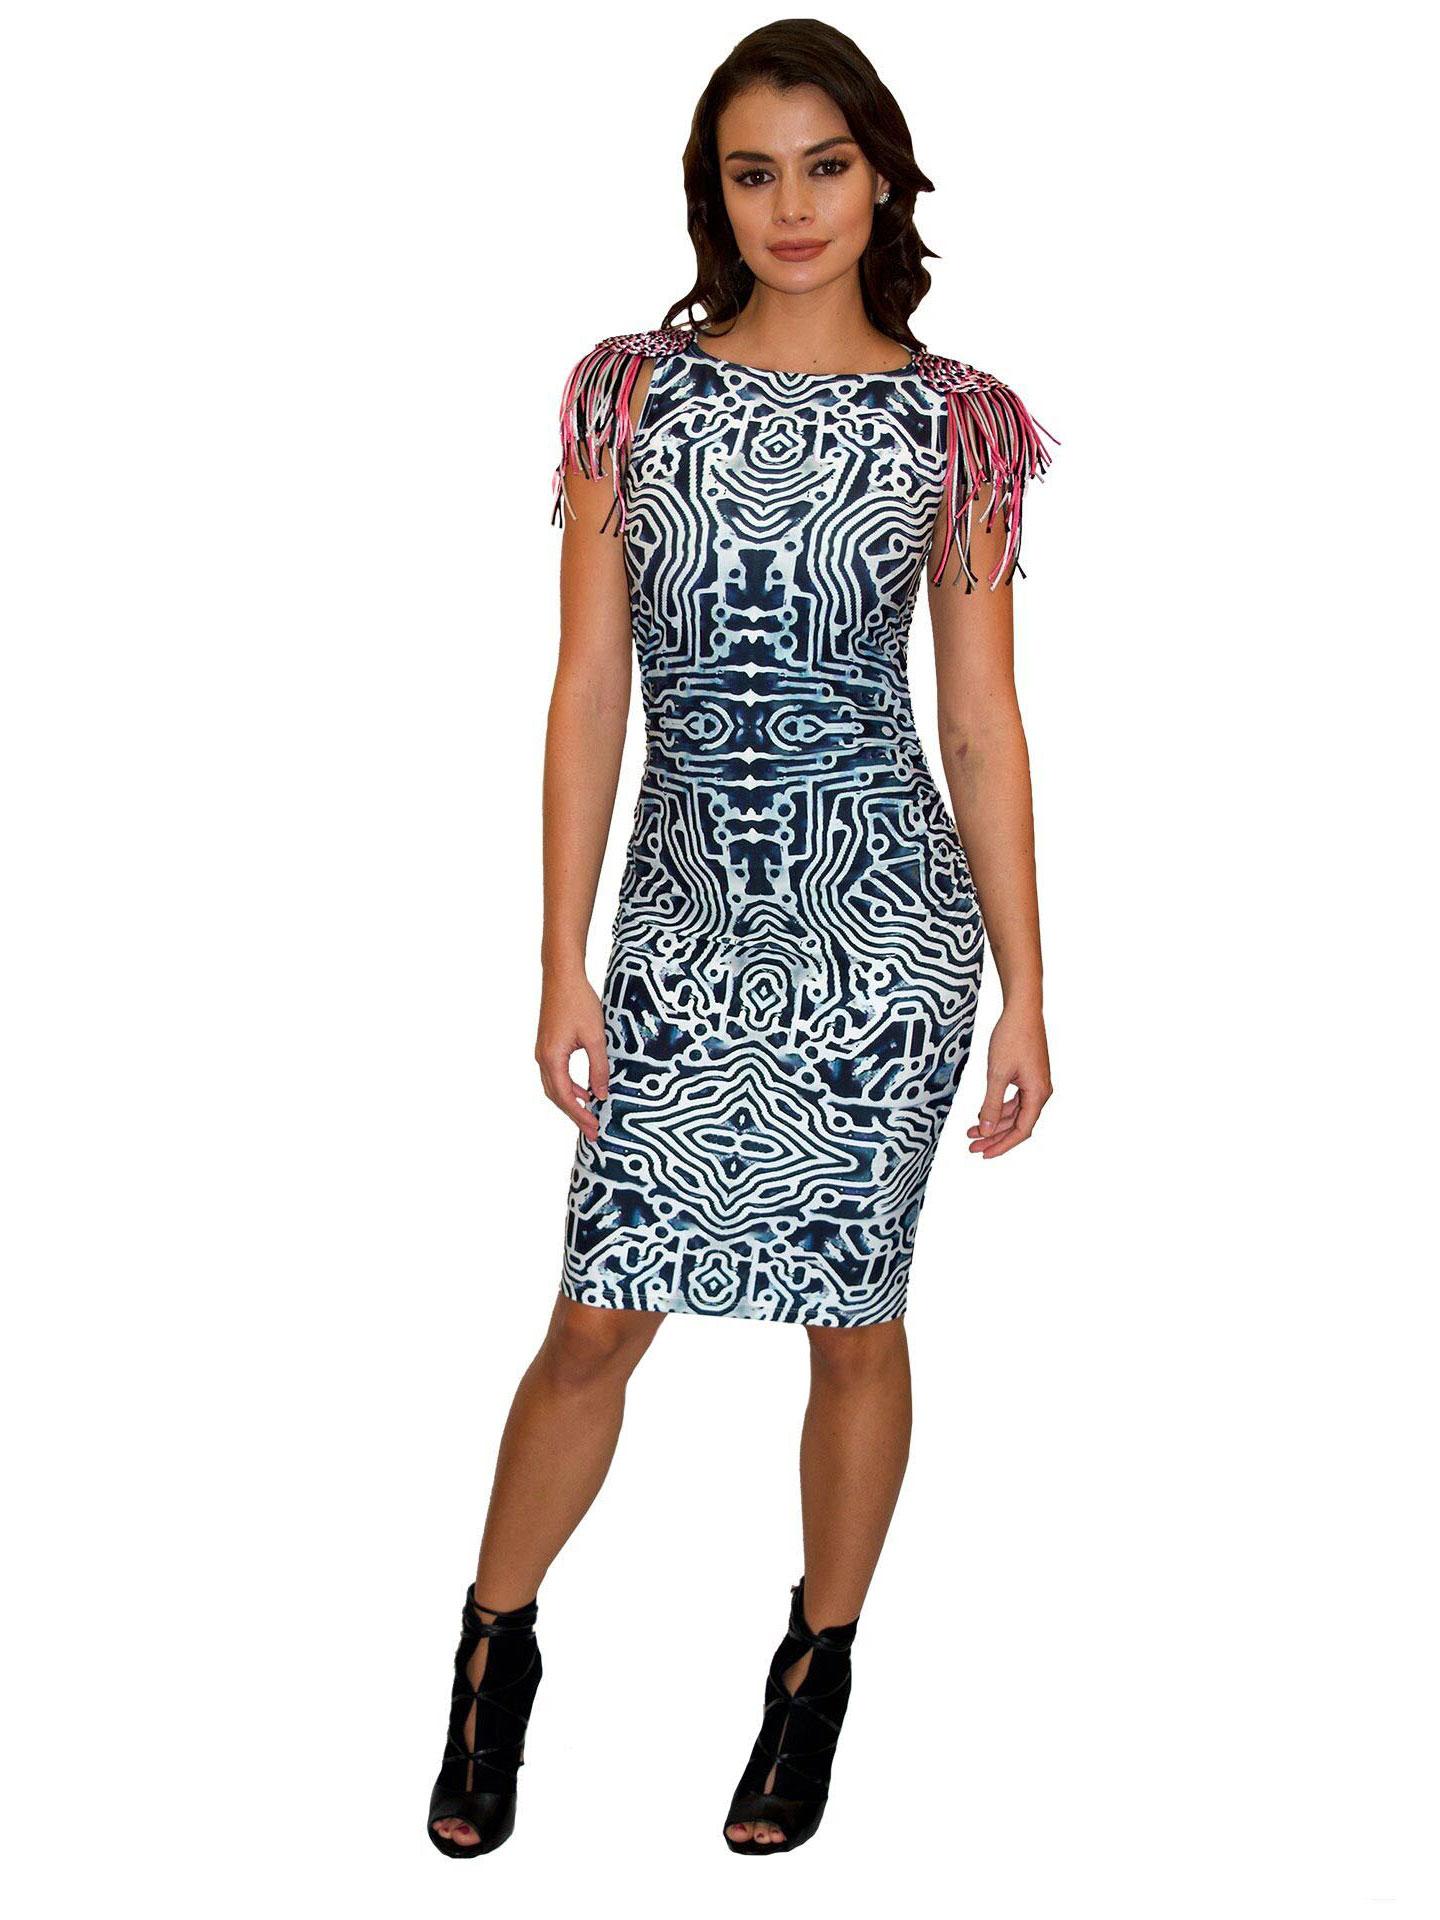 ACID NYC - LUNA DRESS WITH FRINGE - POLY/SPANDEX - TECHNO ...